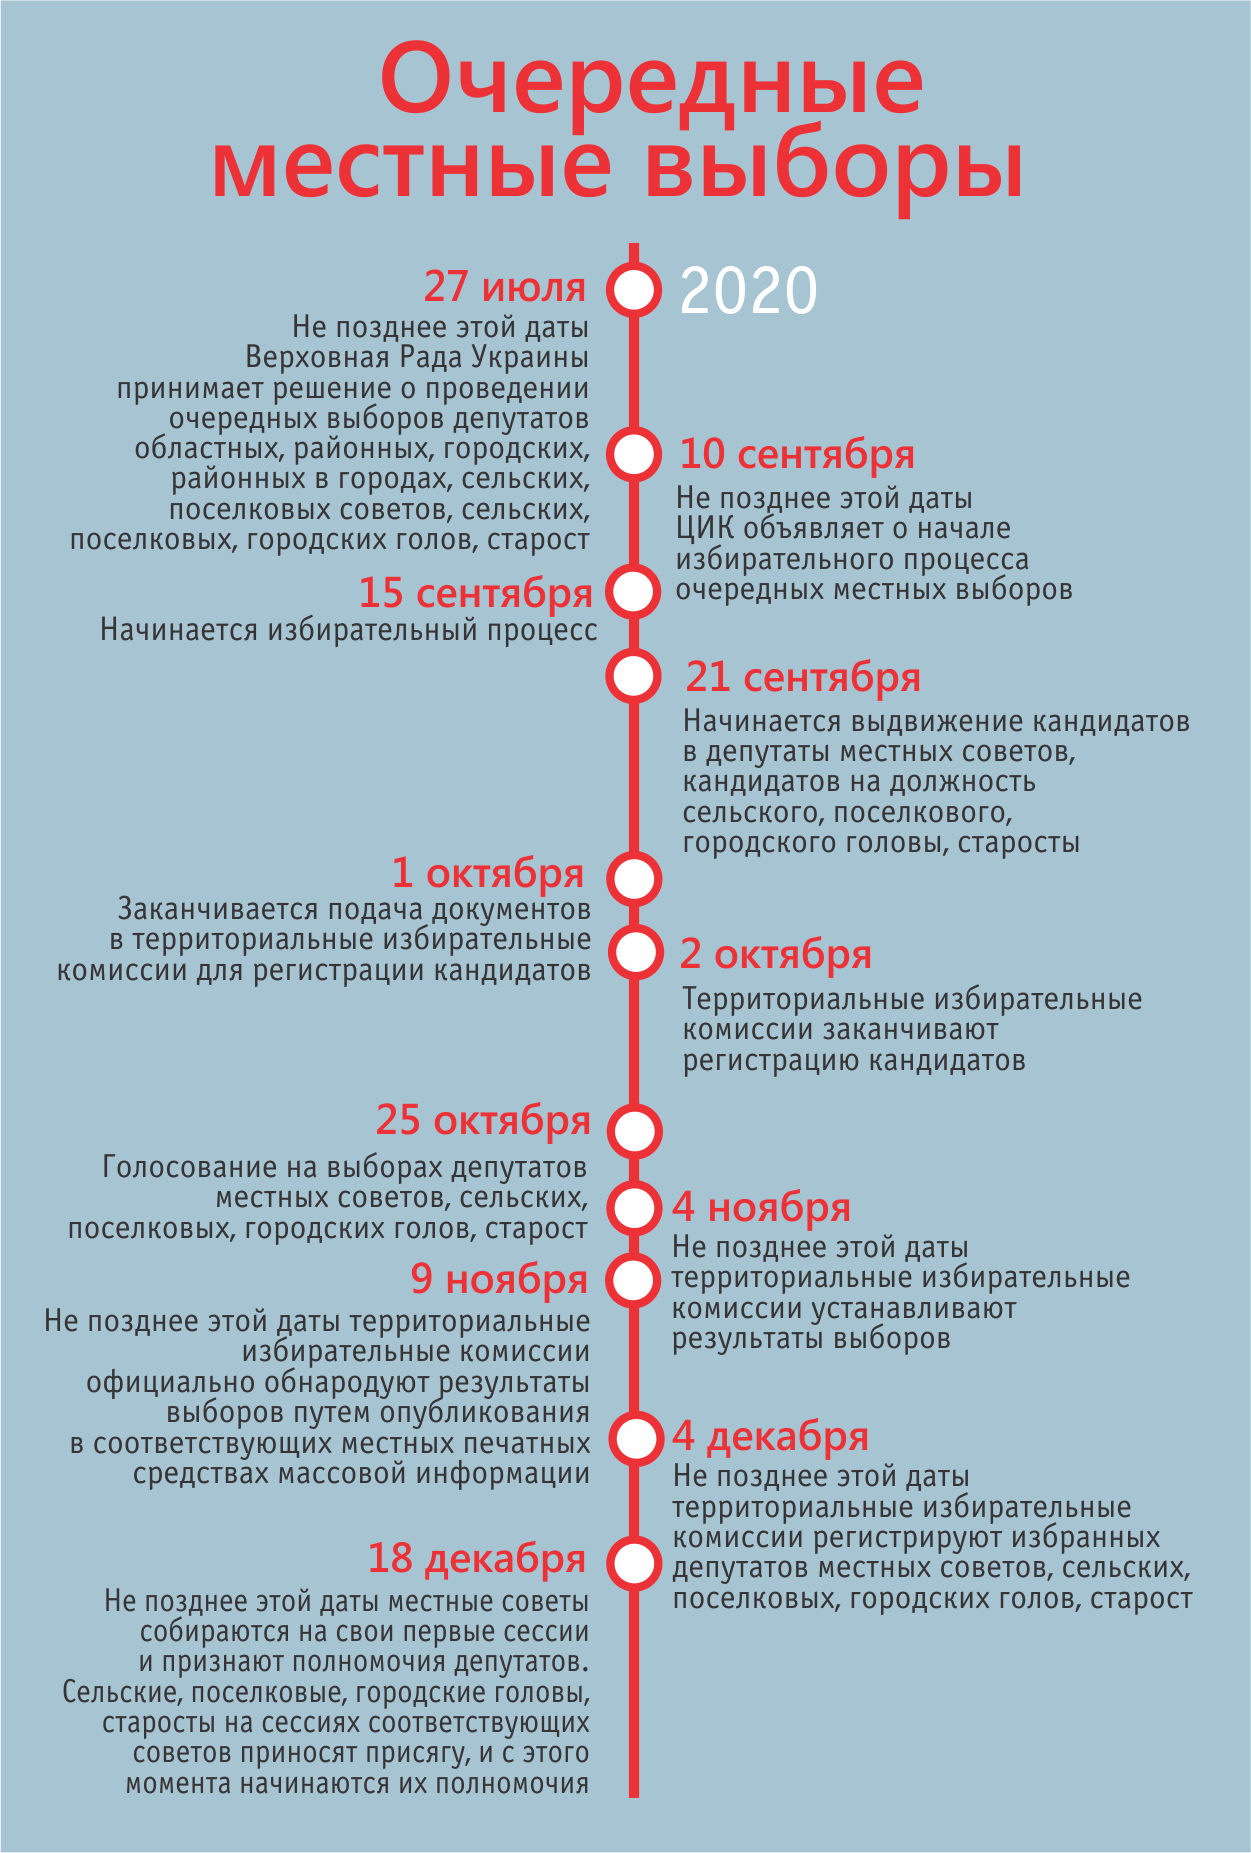 Выборы 2020. Кого выбираем в России. Выборы в США, Белоруссии, Казахстане, Грузии, Украине